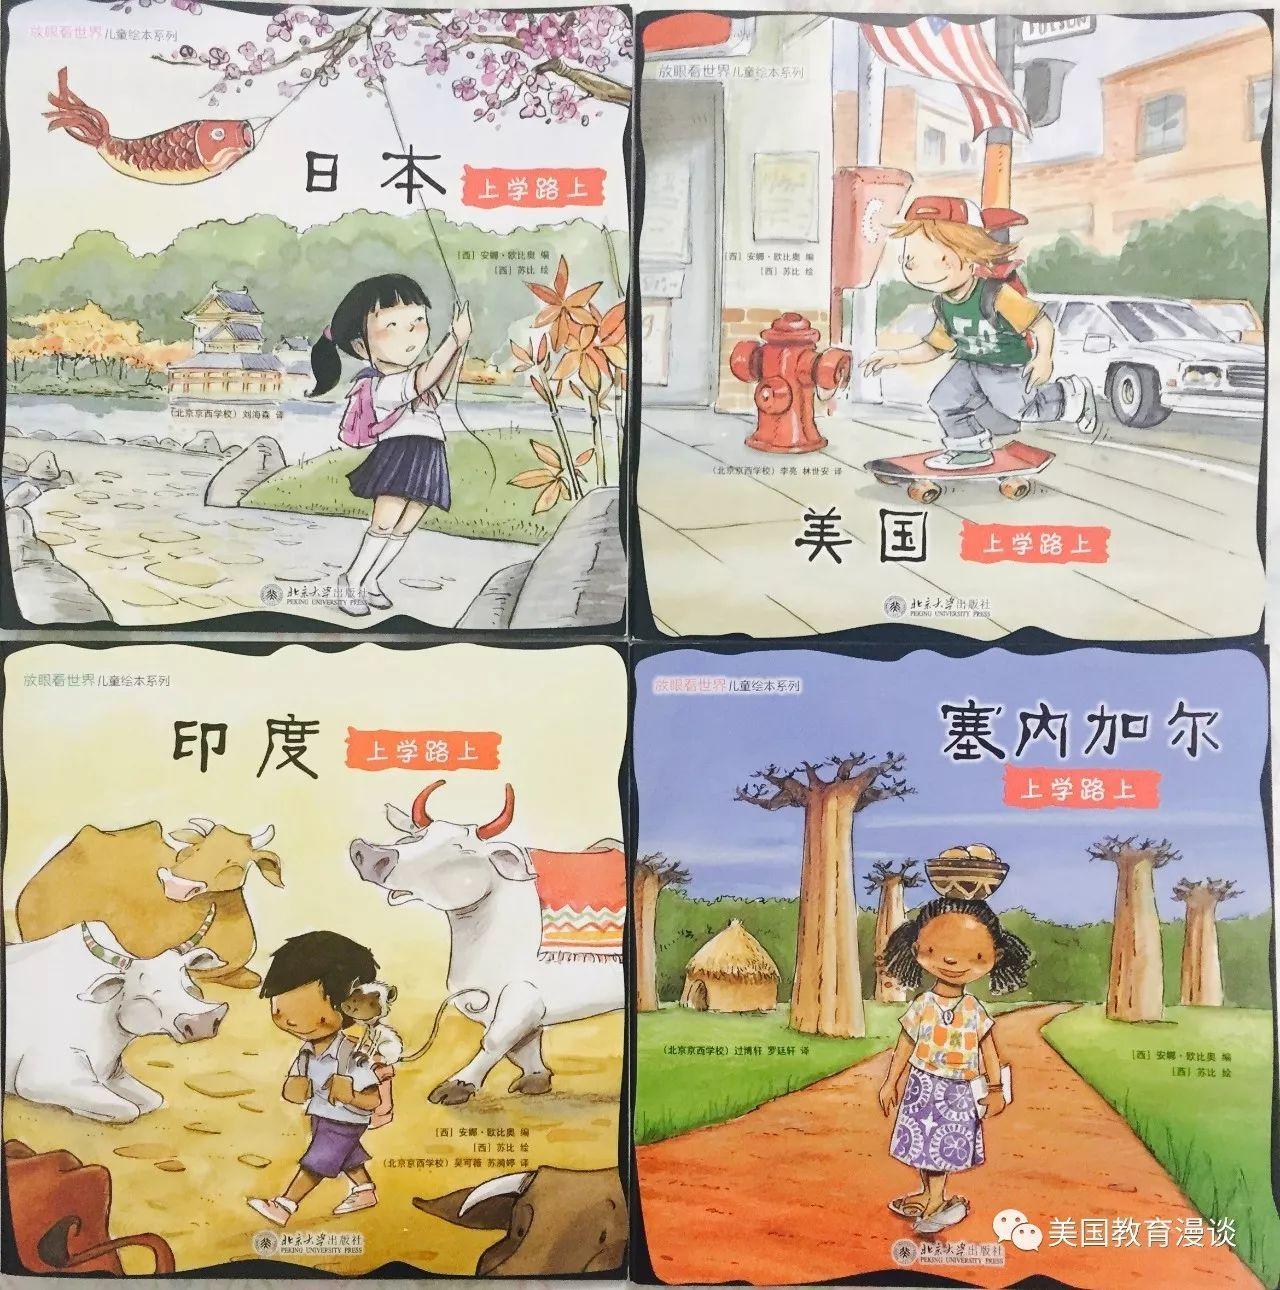 干货 | 美国老师如何用思维导图教节日文化